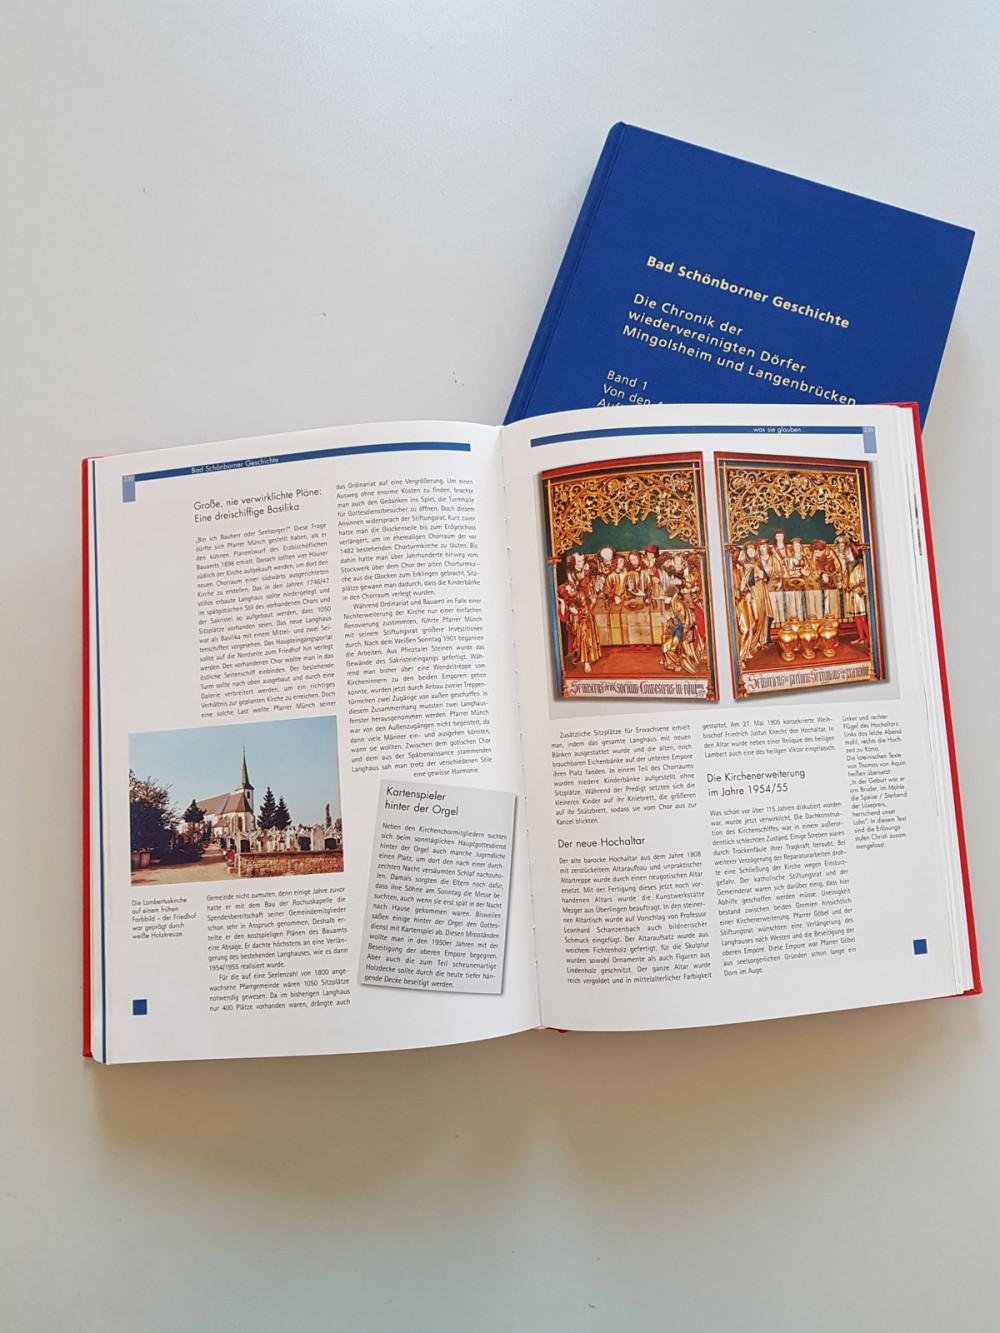 Die beiden Bände der Ortschroniken Bad Schönborn, das obere Buch ist aufgeschlagen